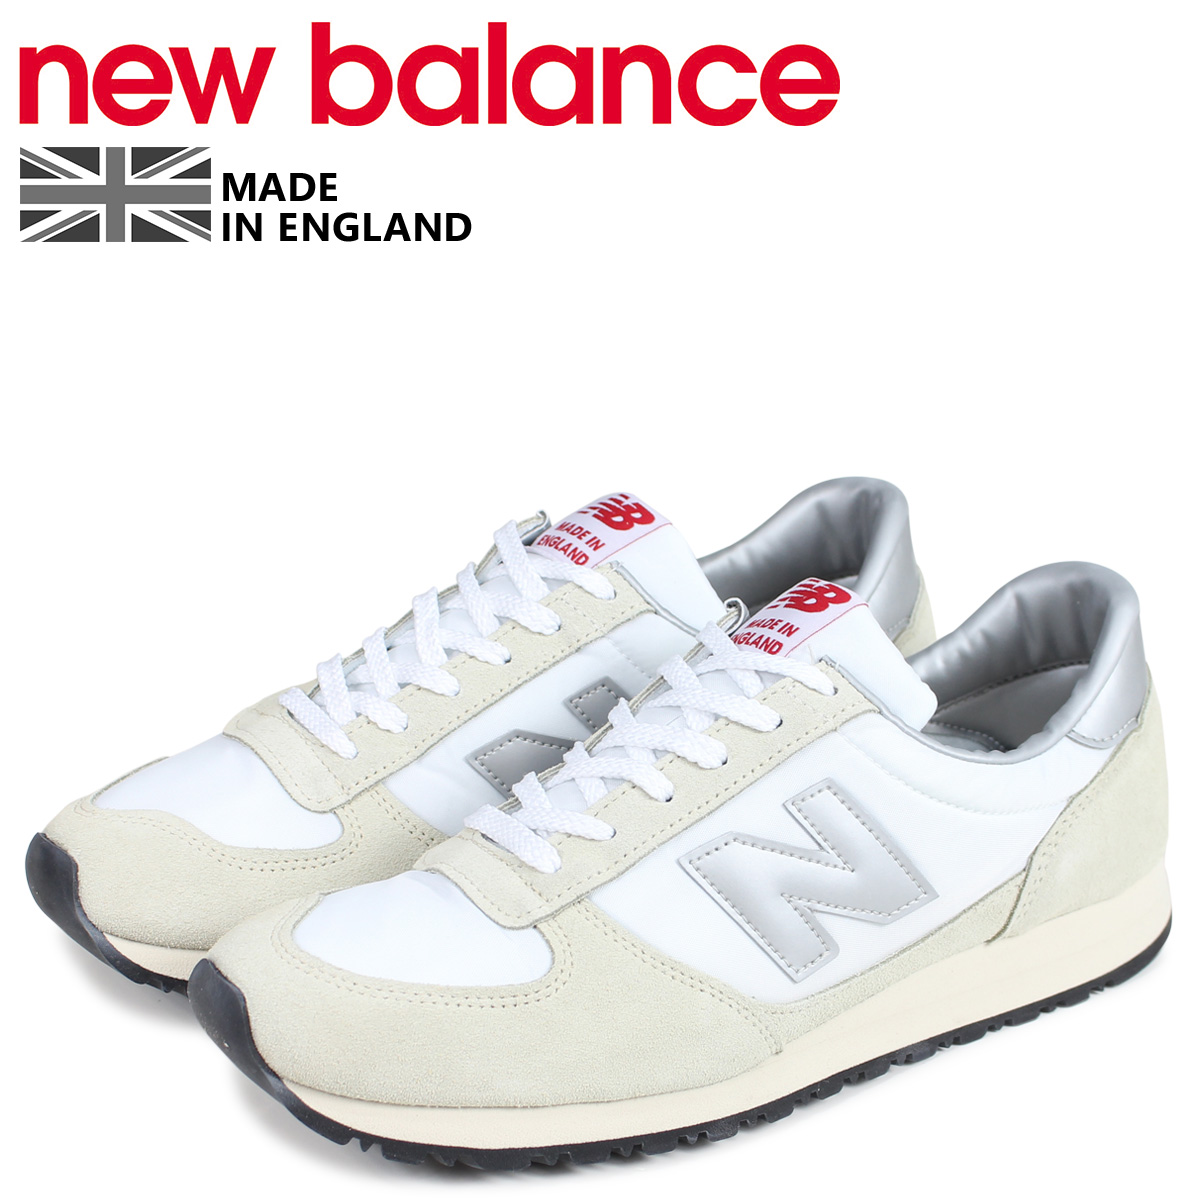 new balance ニューバランス スニーカー メンズ Dワイズ MADE IN UK ホワイト 白 MNCWSV